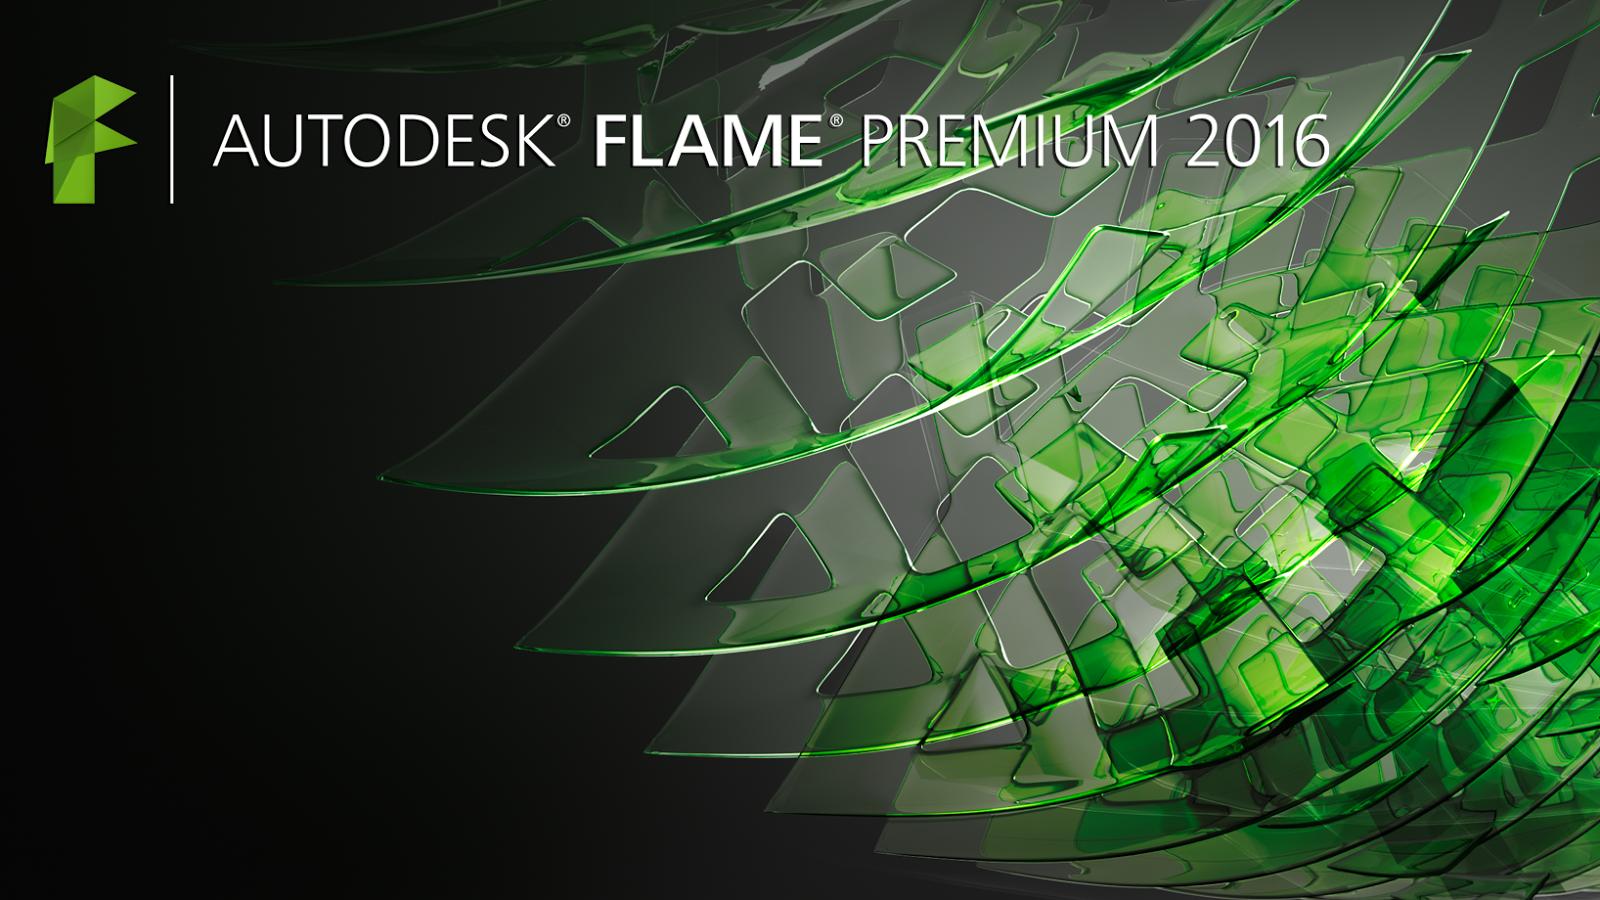 r STUDIO EDIT1,EDIT2 Autodesk Flame Premiumのバージョンを更新致しました